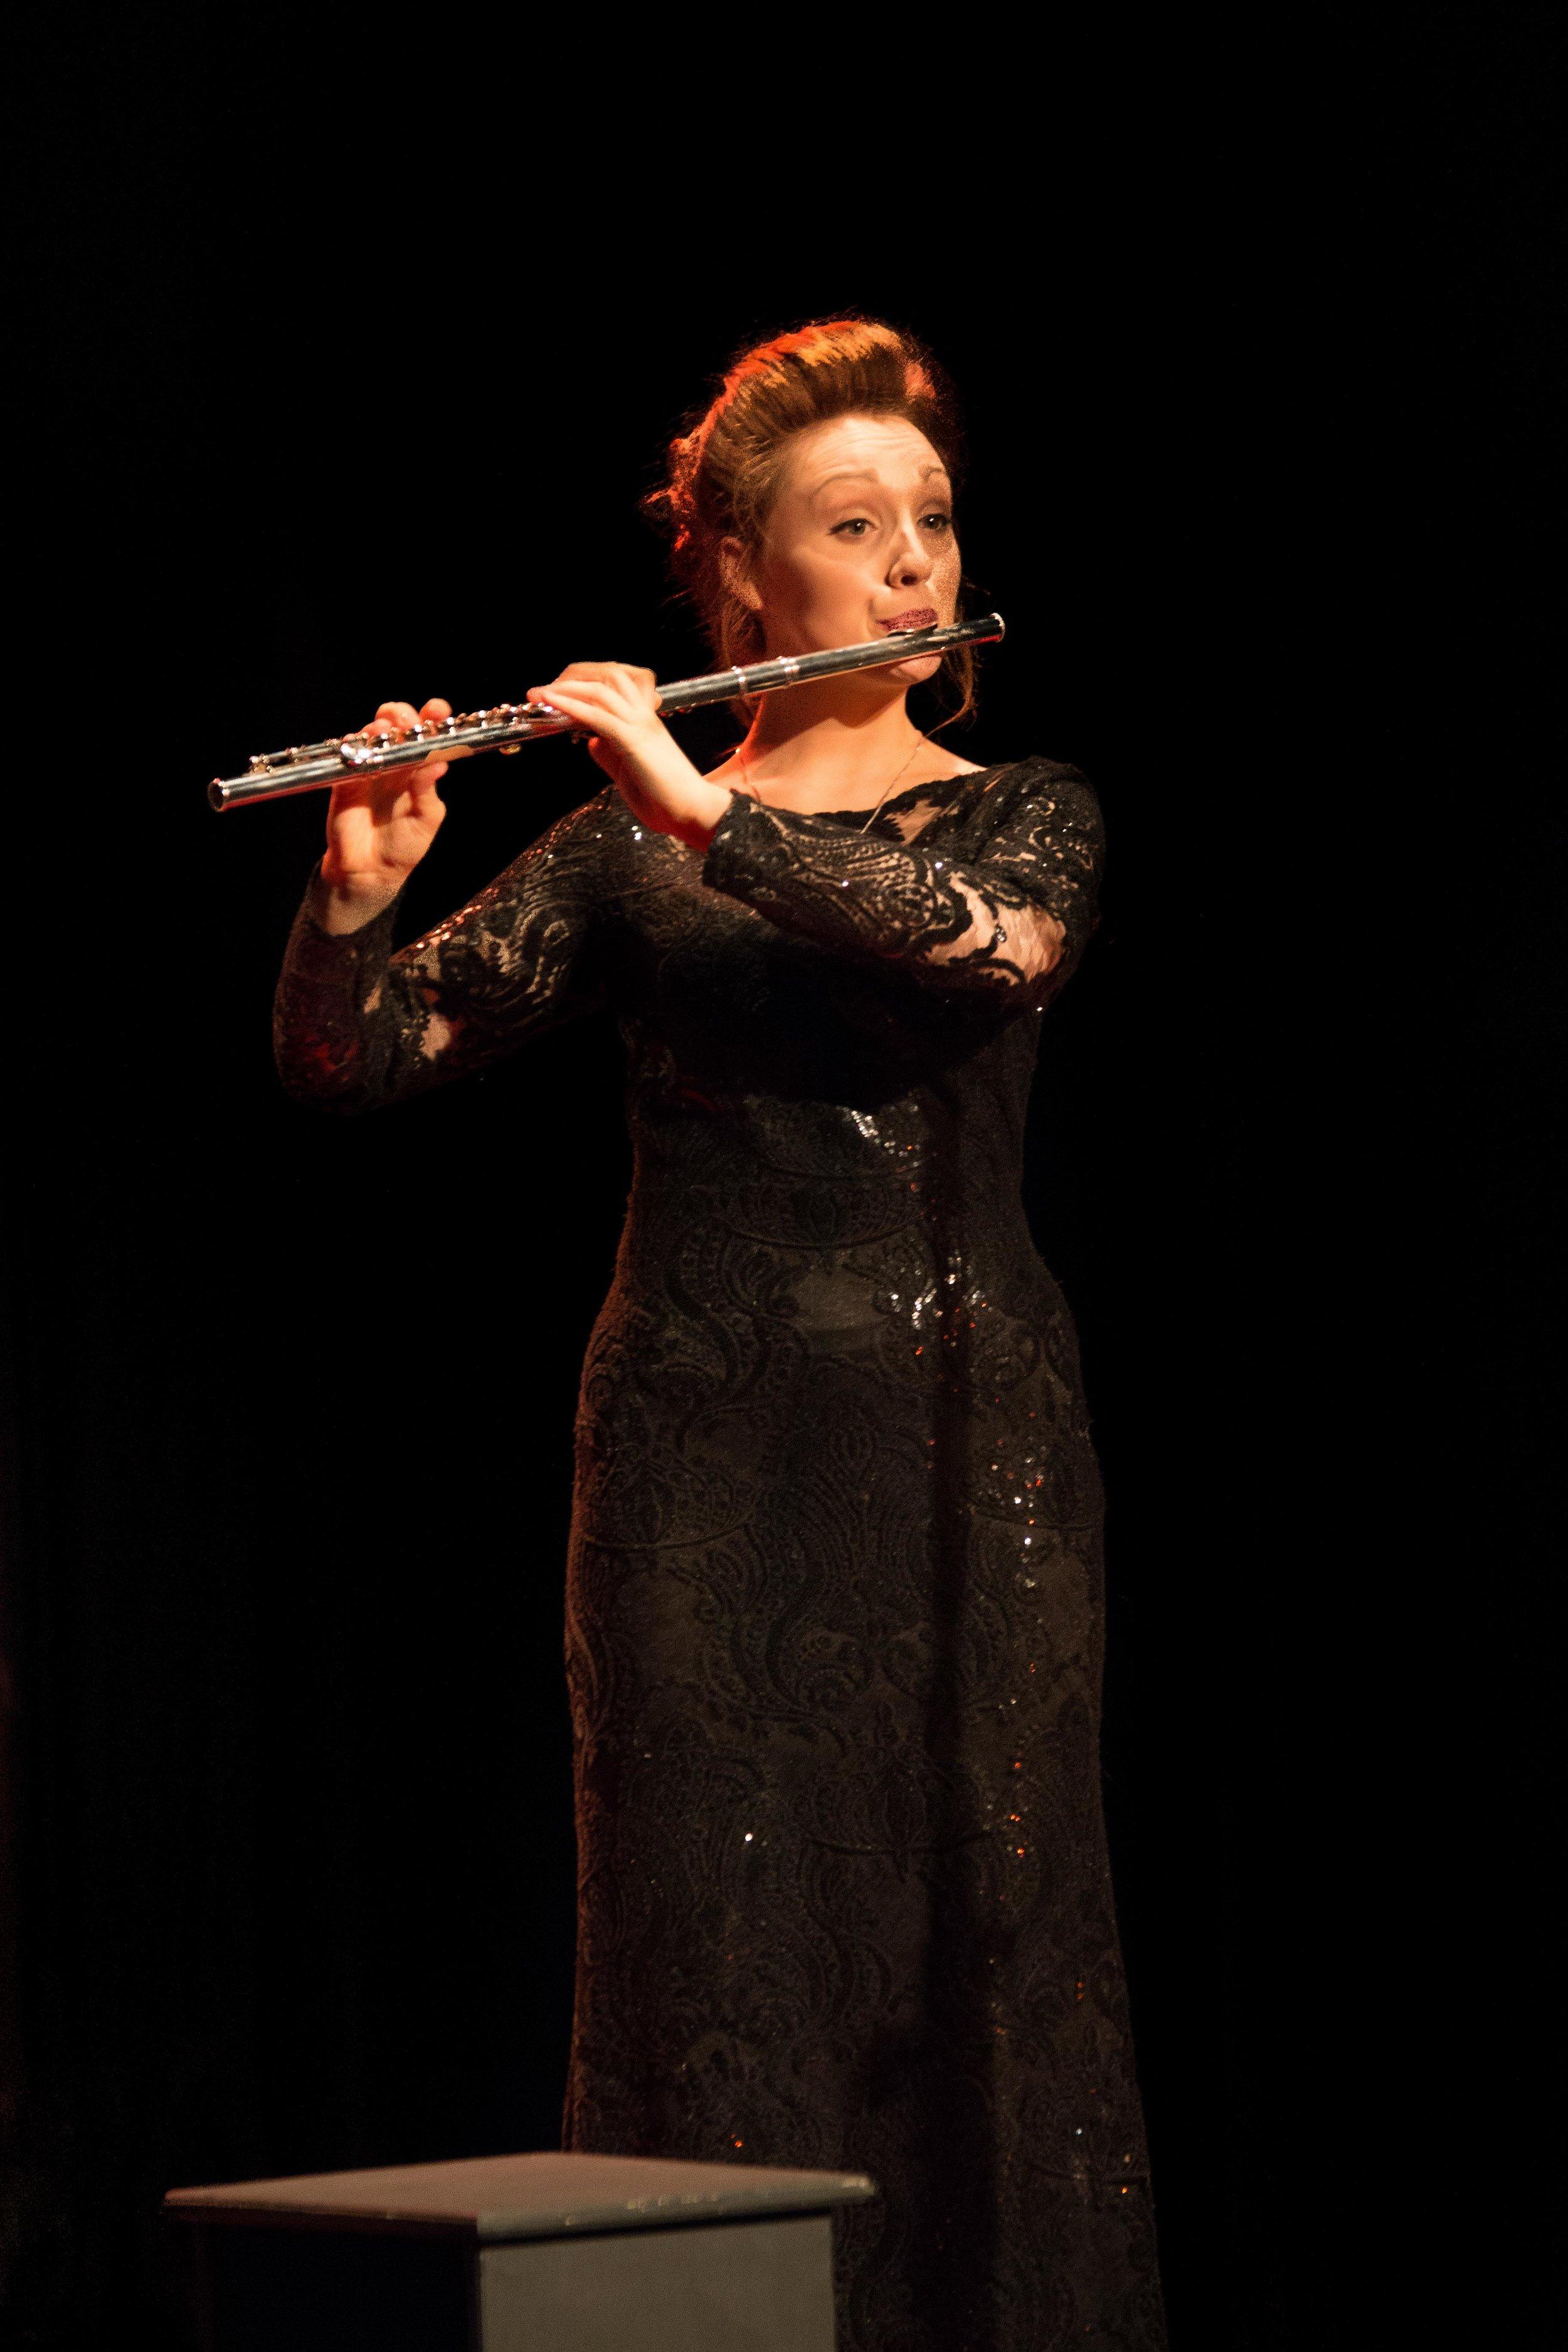 Allingham Festival Concert 2016 - Abbey Arts Centre, Ballyshannon - Nov. 5th 2016-127.jpg